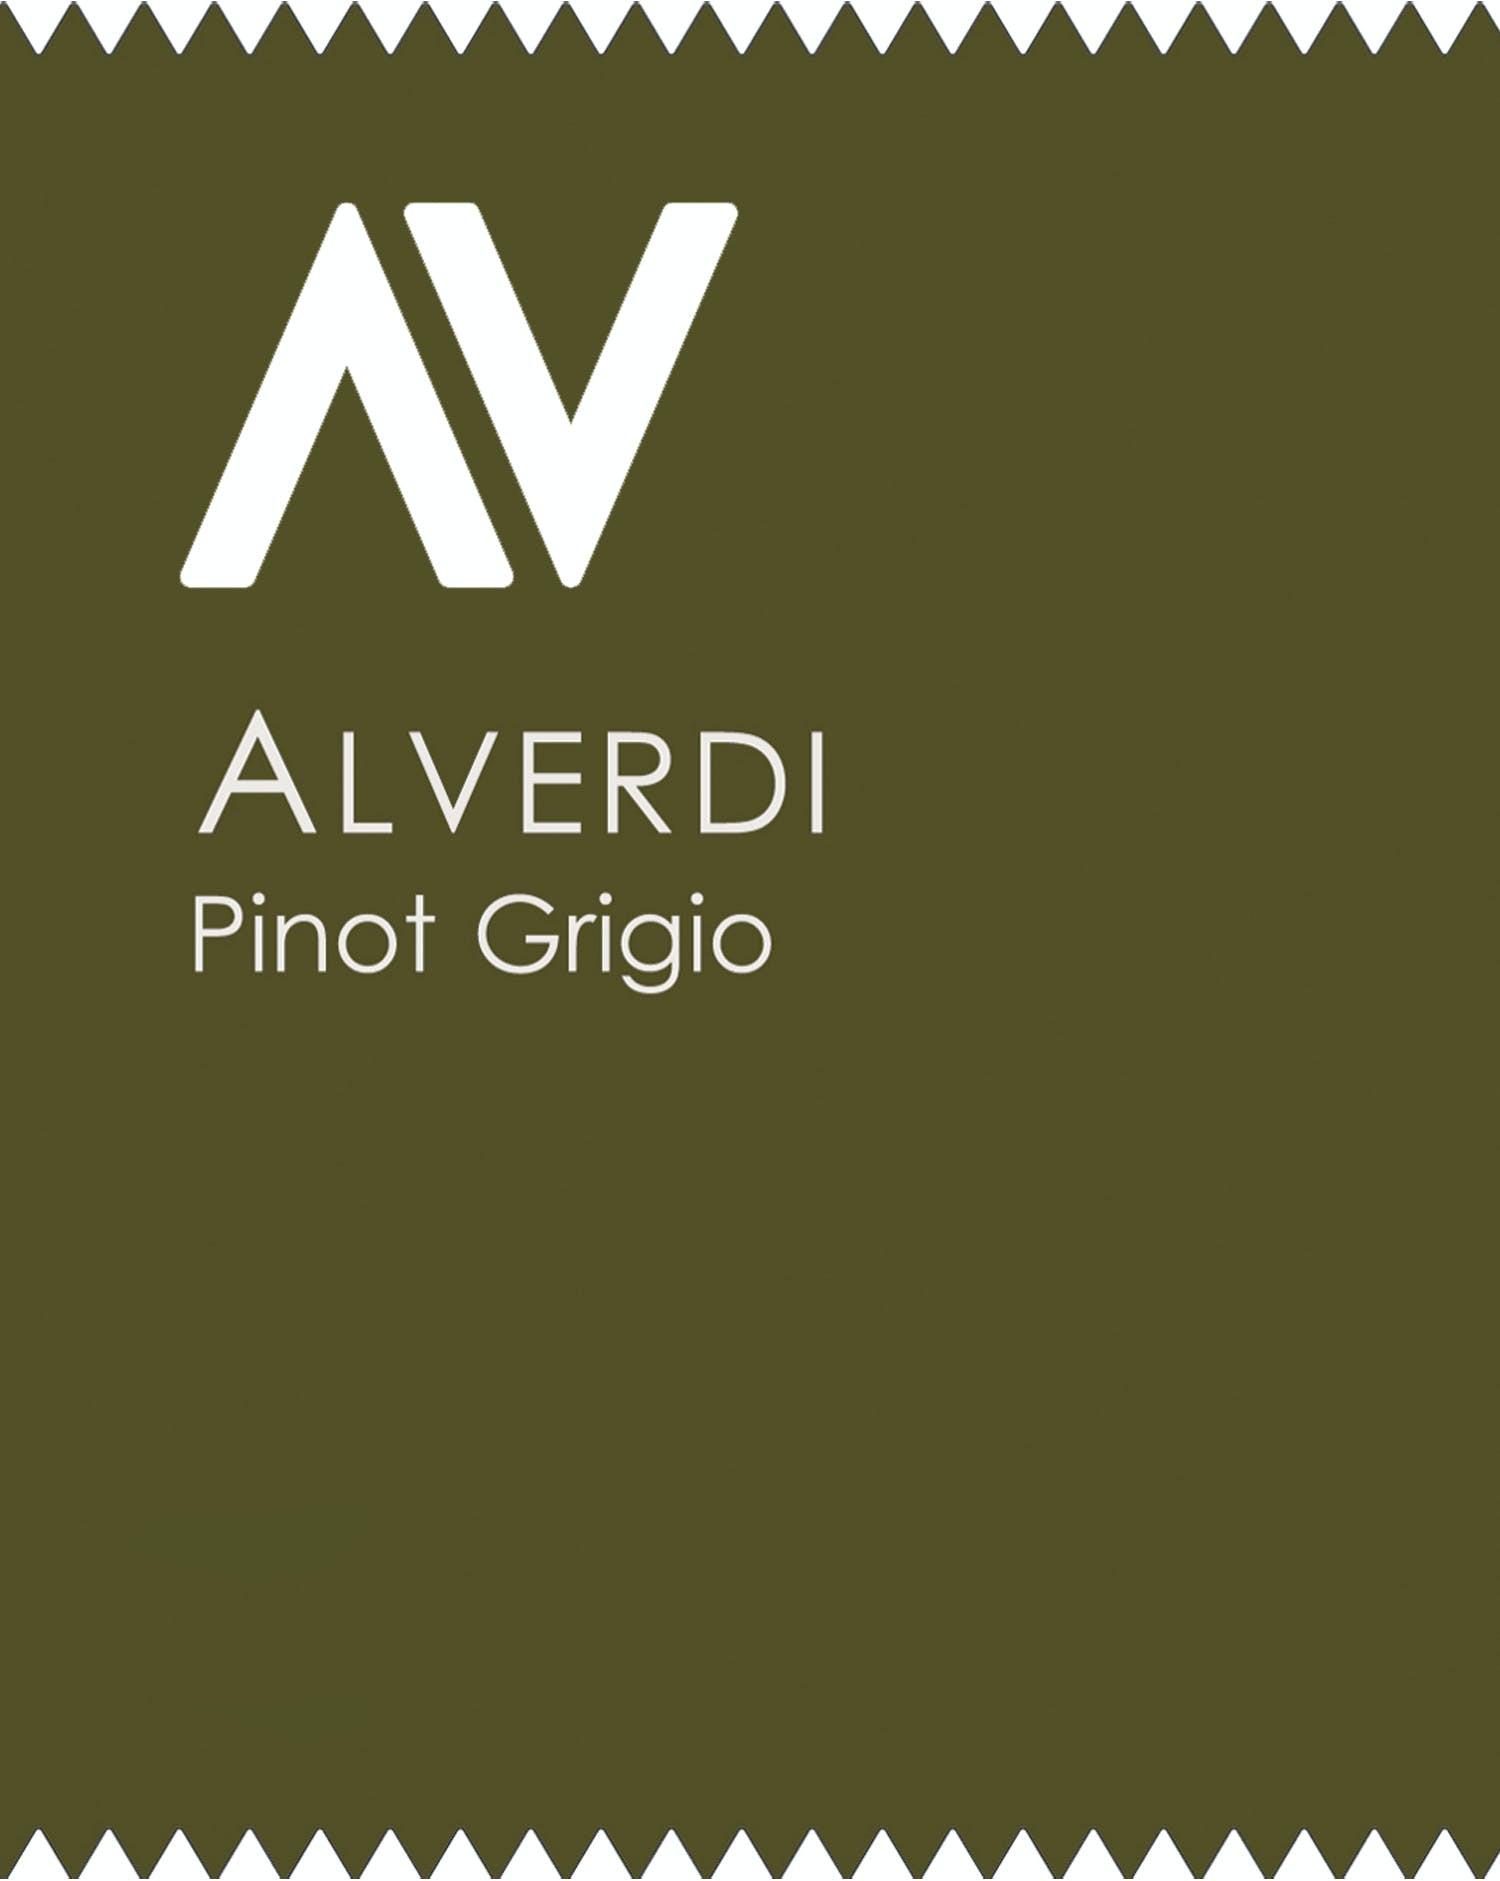 2020 Alverdi Pinot Grigio 750ml